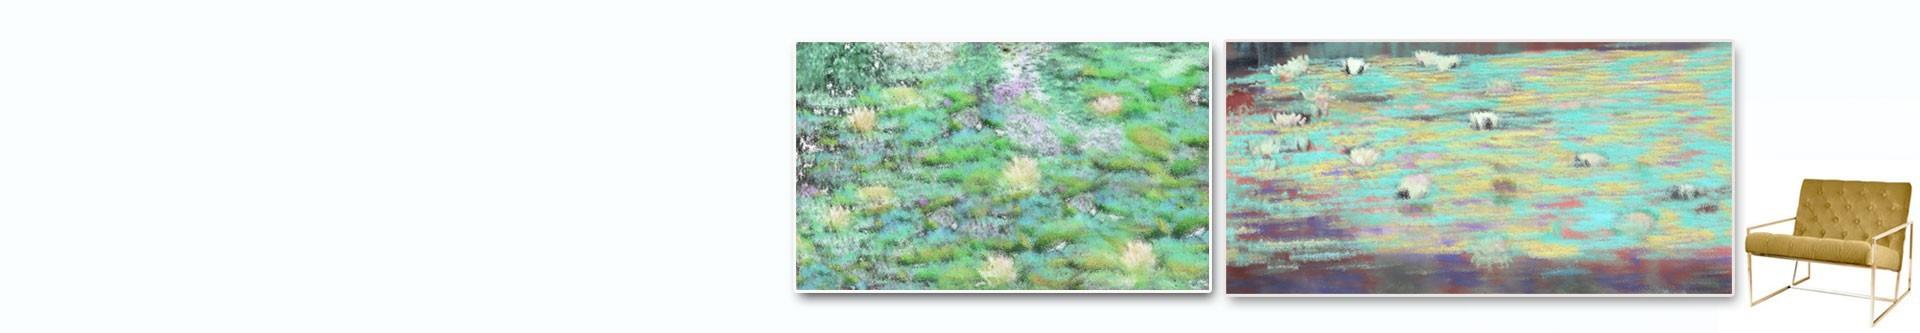 Lilie wodne obrazy • nowoczesne obrazy w grafikiobrazy.pl